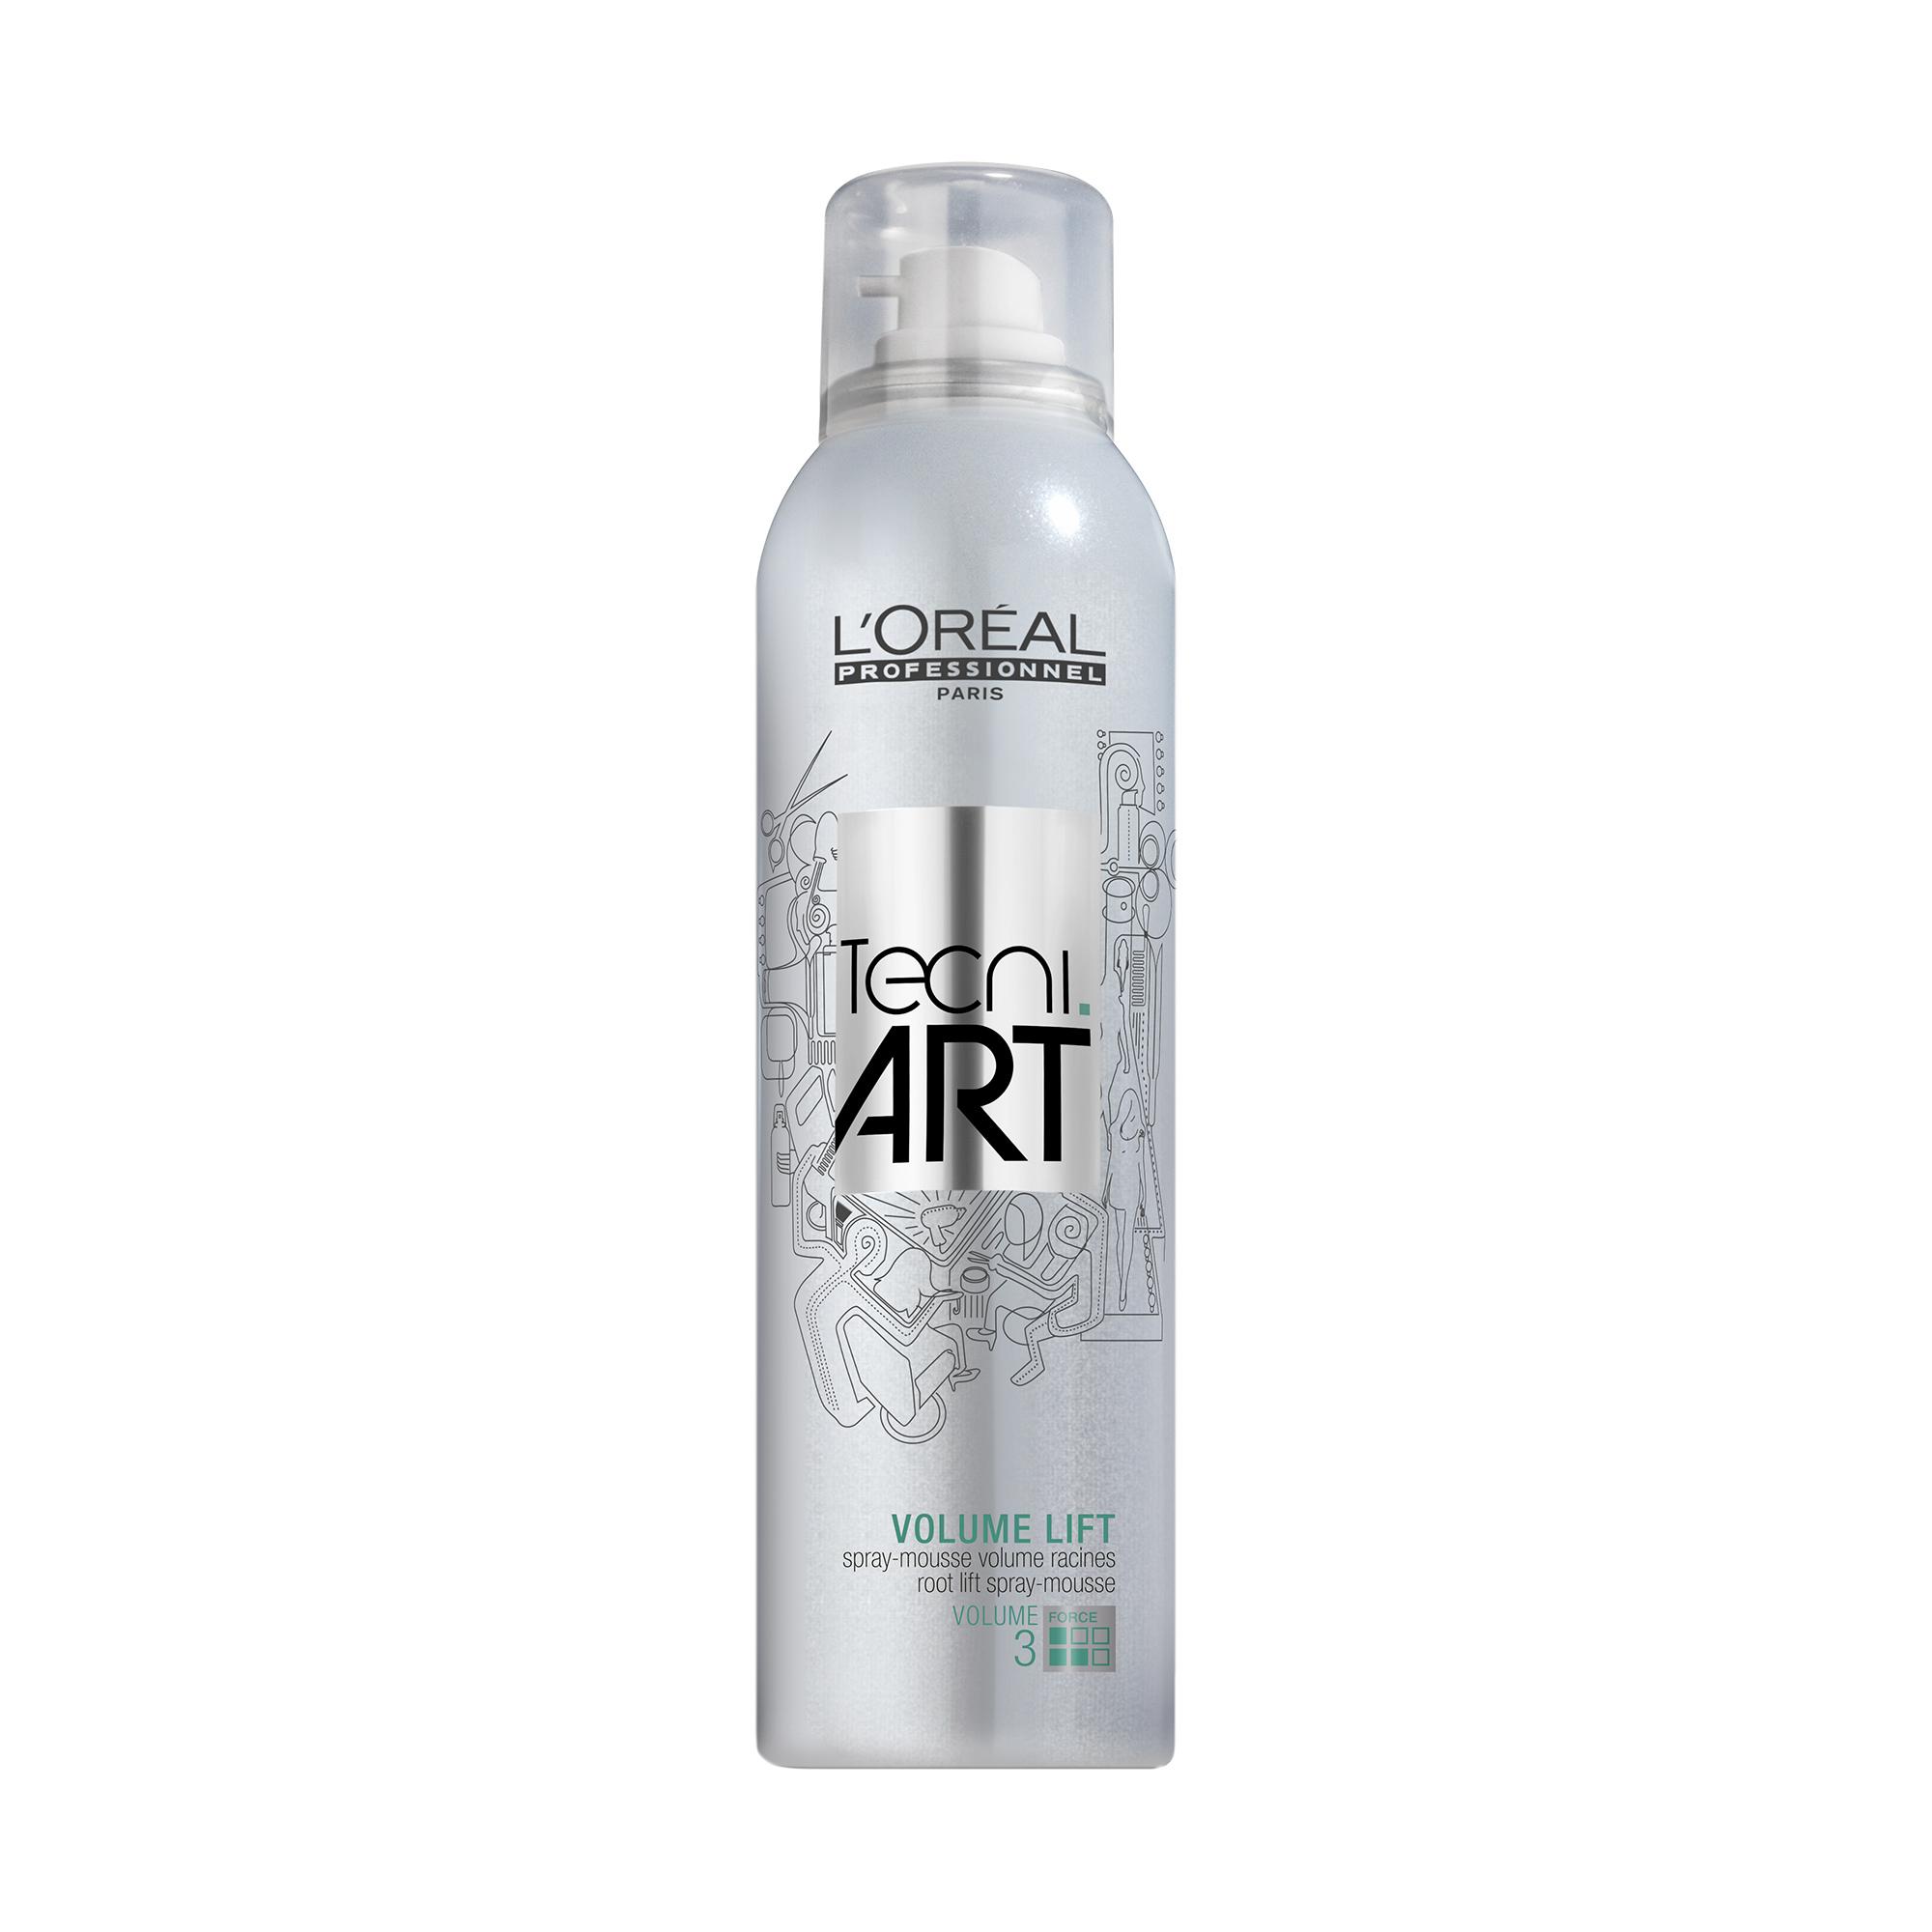 Tecni.Art Volume Volume Lift 250ml